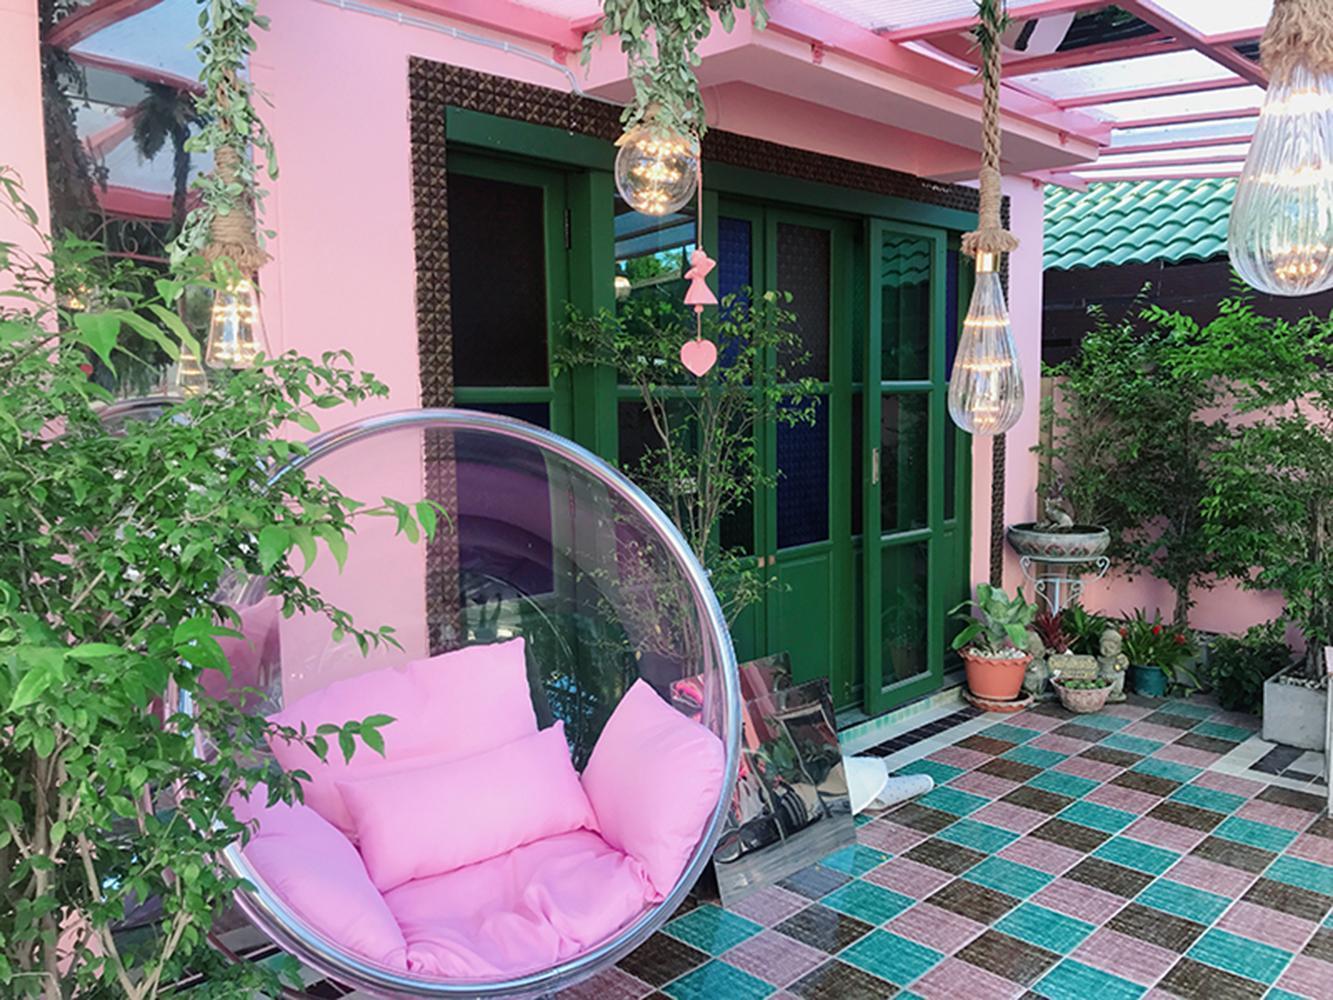 Miss time pink house 三床榻榻米套房 อพาร์ตเมนต์ 1 ห้องนอน 2 ห้องน้ำส่วนตัว ขนาด 50 ตร.ม. – สุเทพ